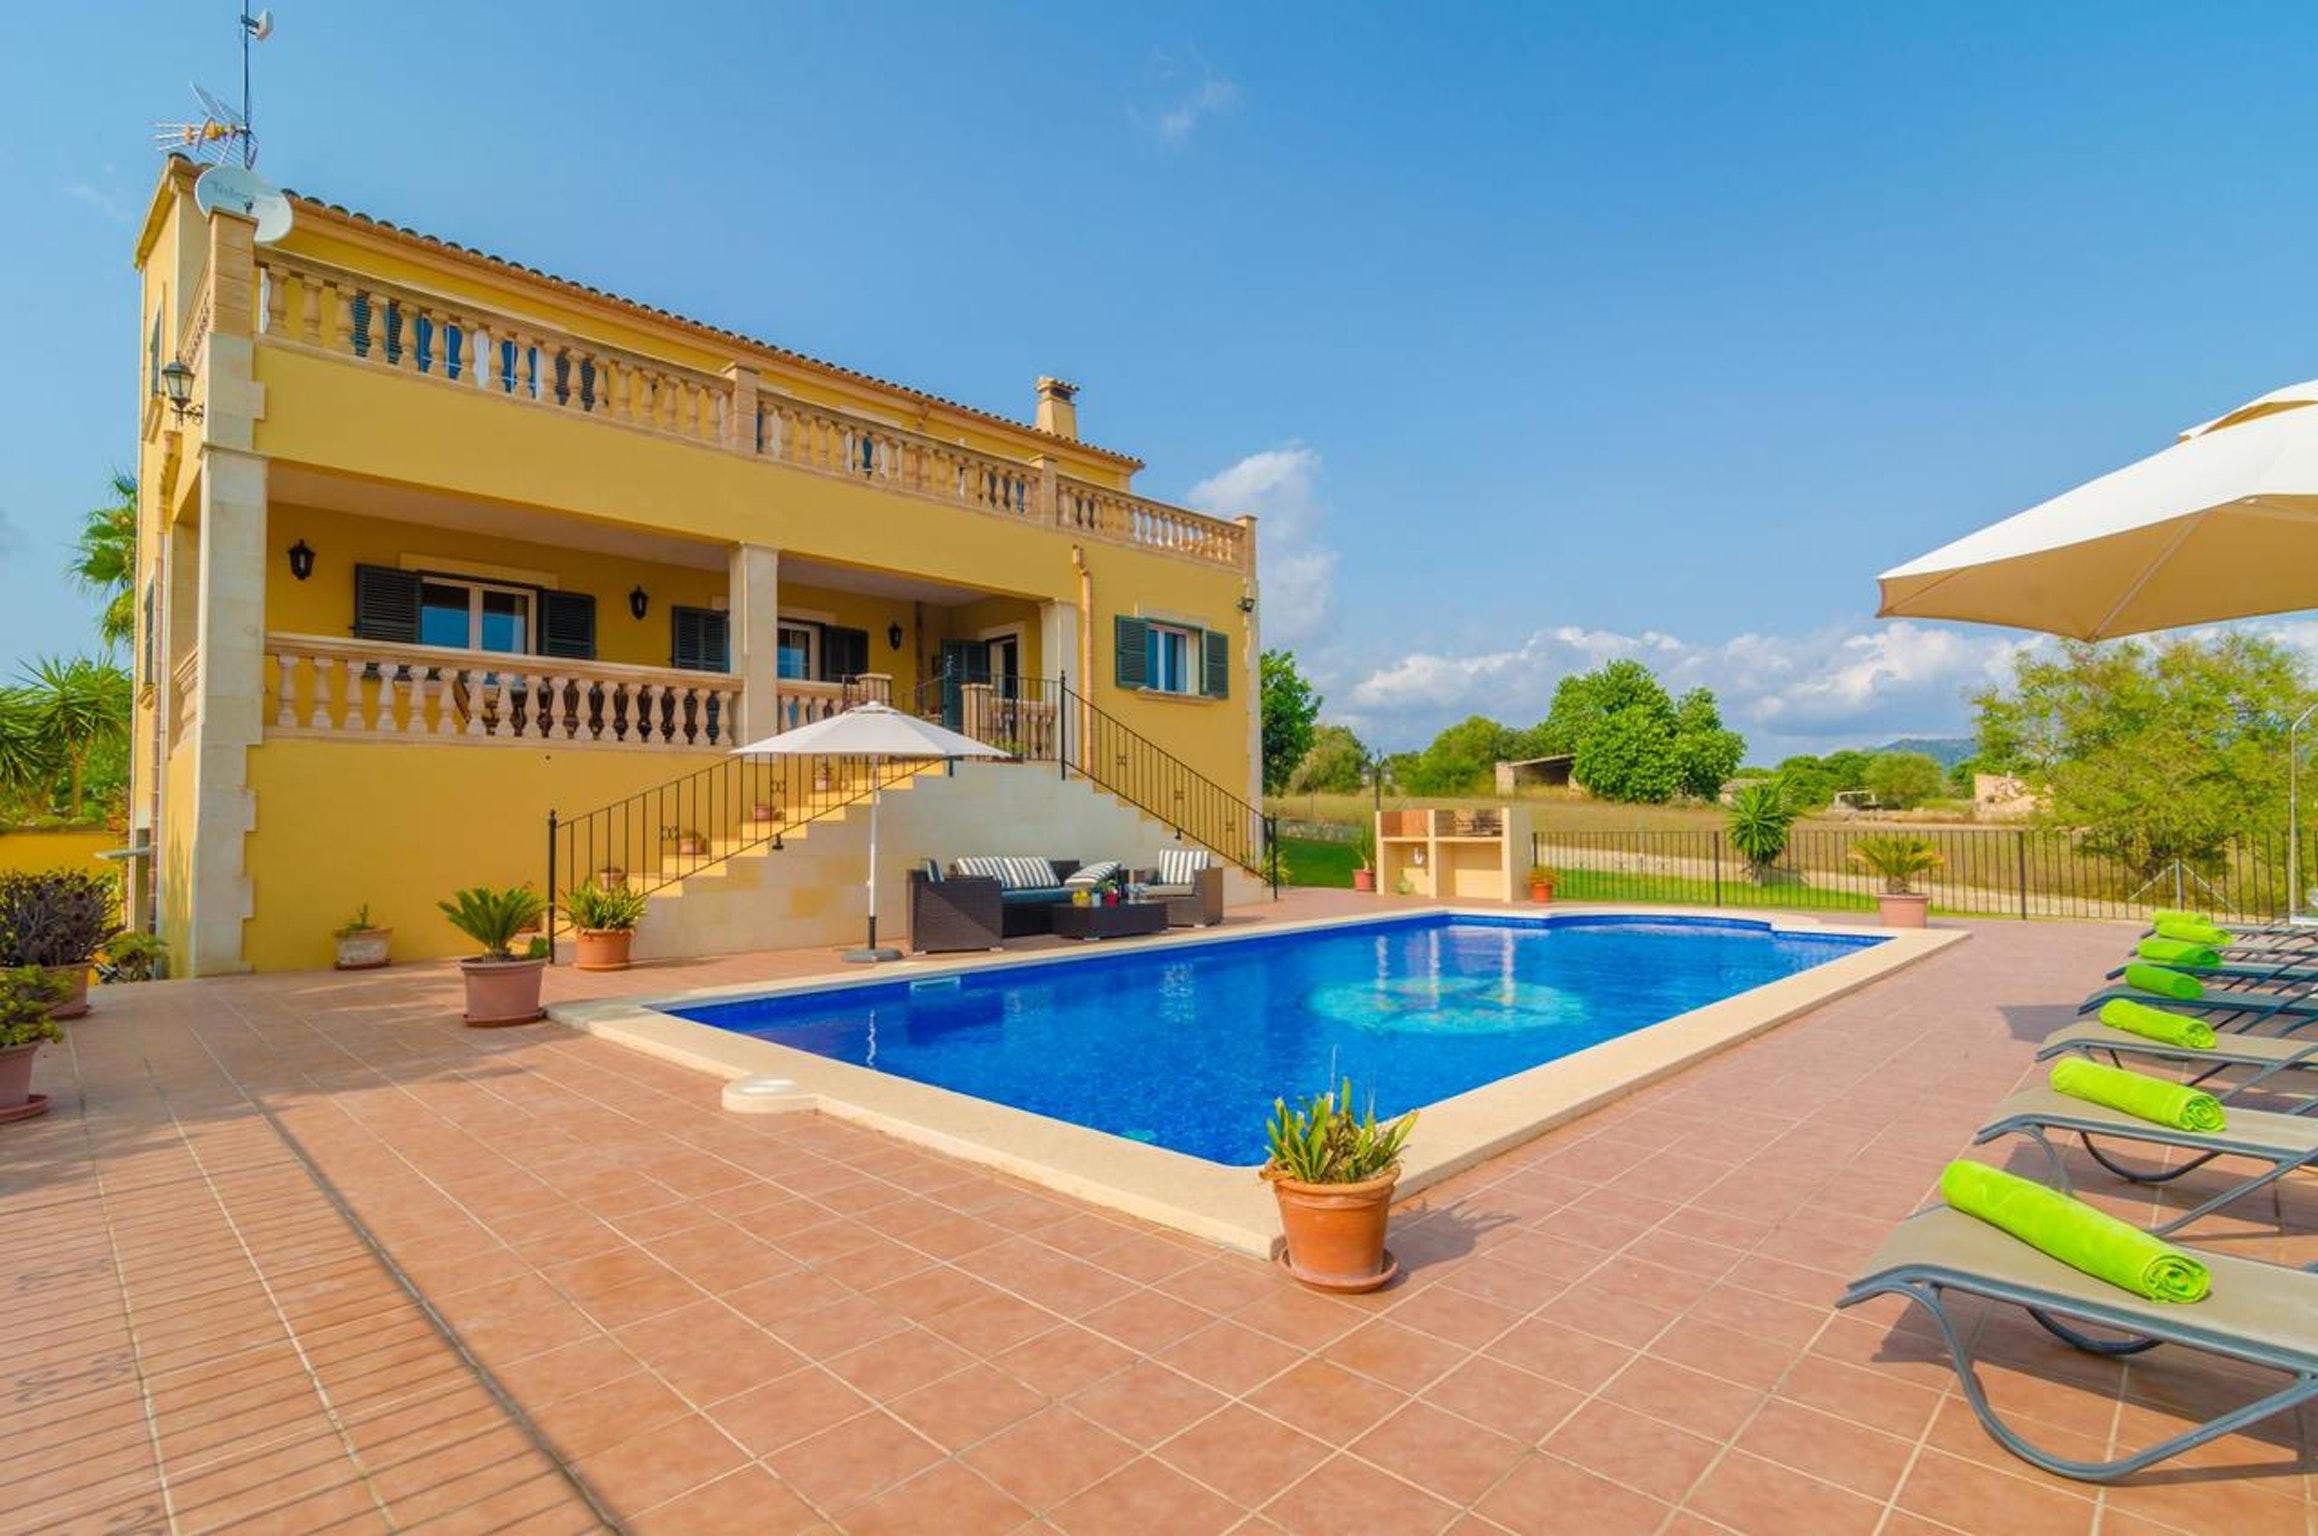 Villa mit 4 Schlafzimmern in Cas Concos des Cavaller mit toller Aussicht auf die Berge privatem Pool möbliertem Garten